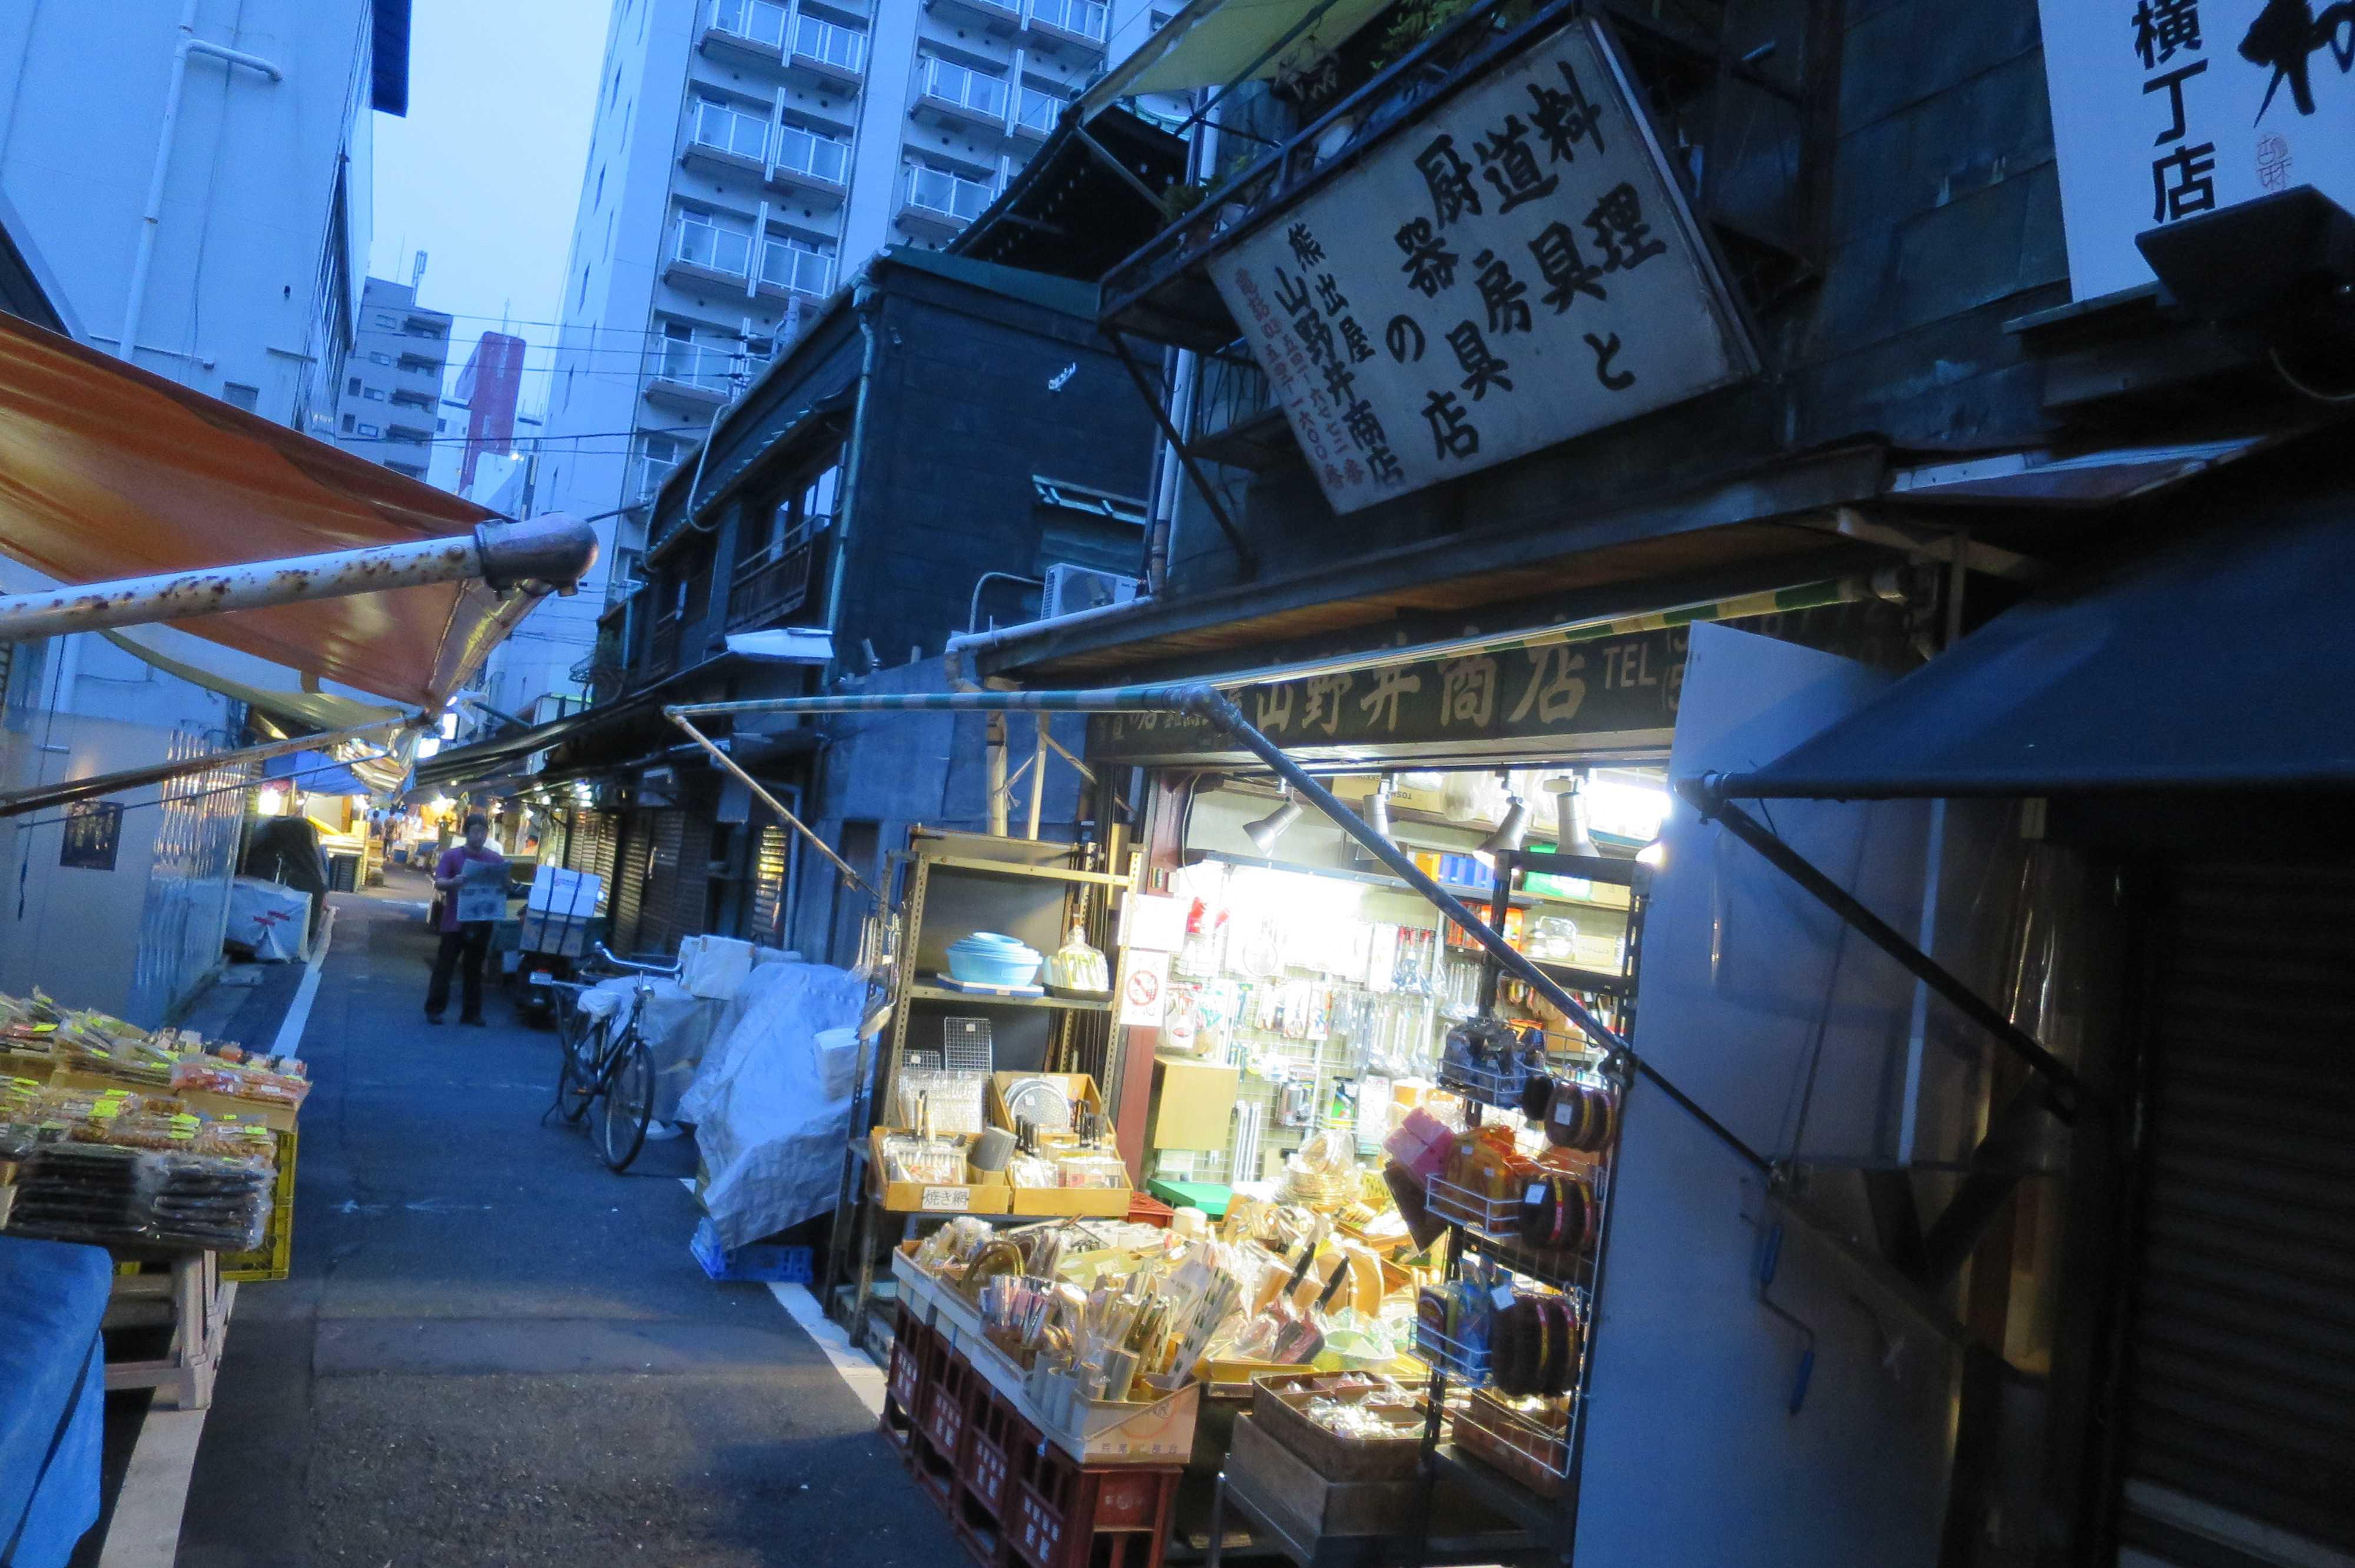 築地場外市場 - 築地市場場外の狭い路地の夜明け